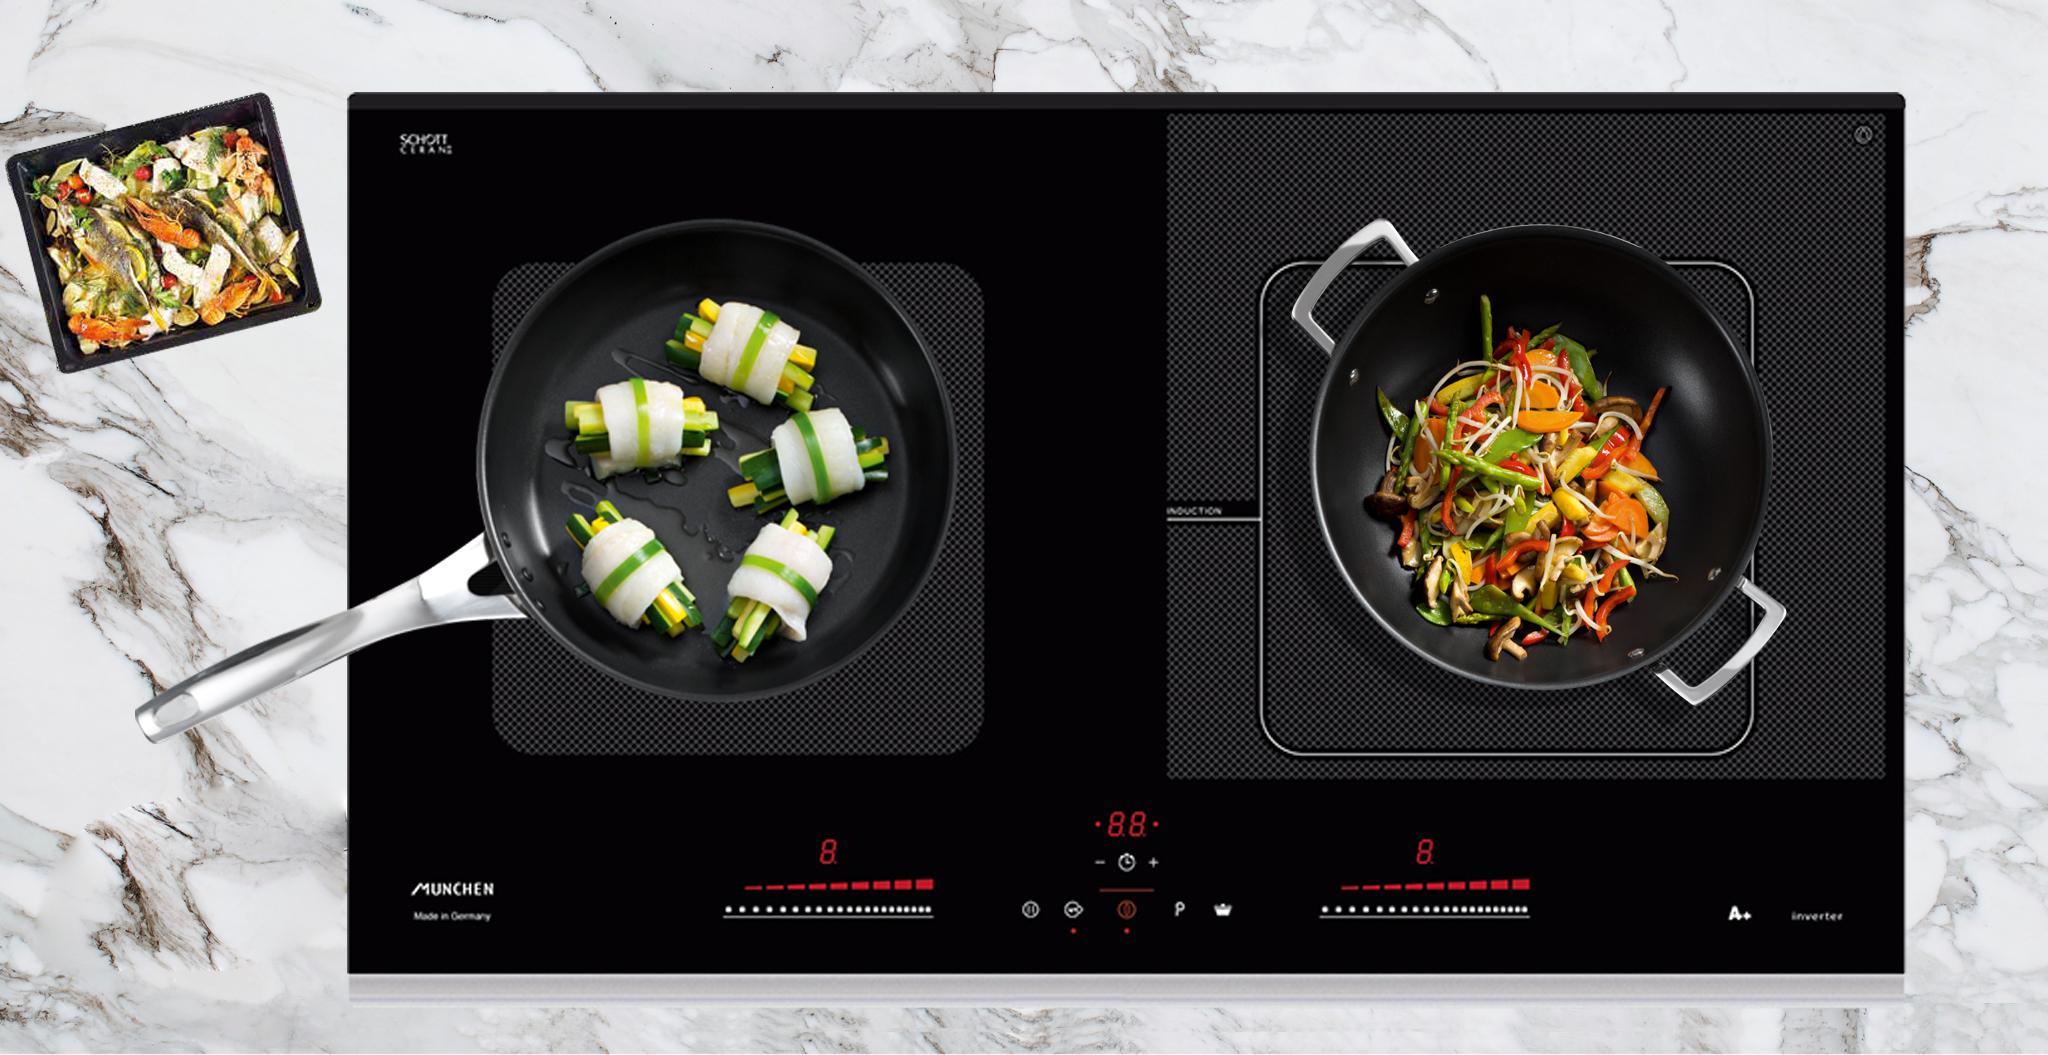 Nên mua bếp từ hãng nào tốt nhất hiện nay năm 2020-2021